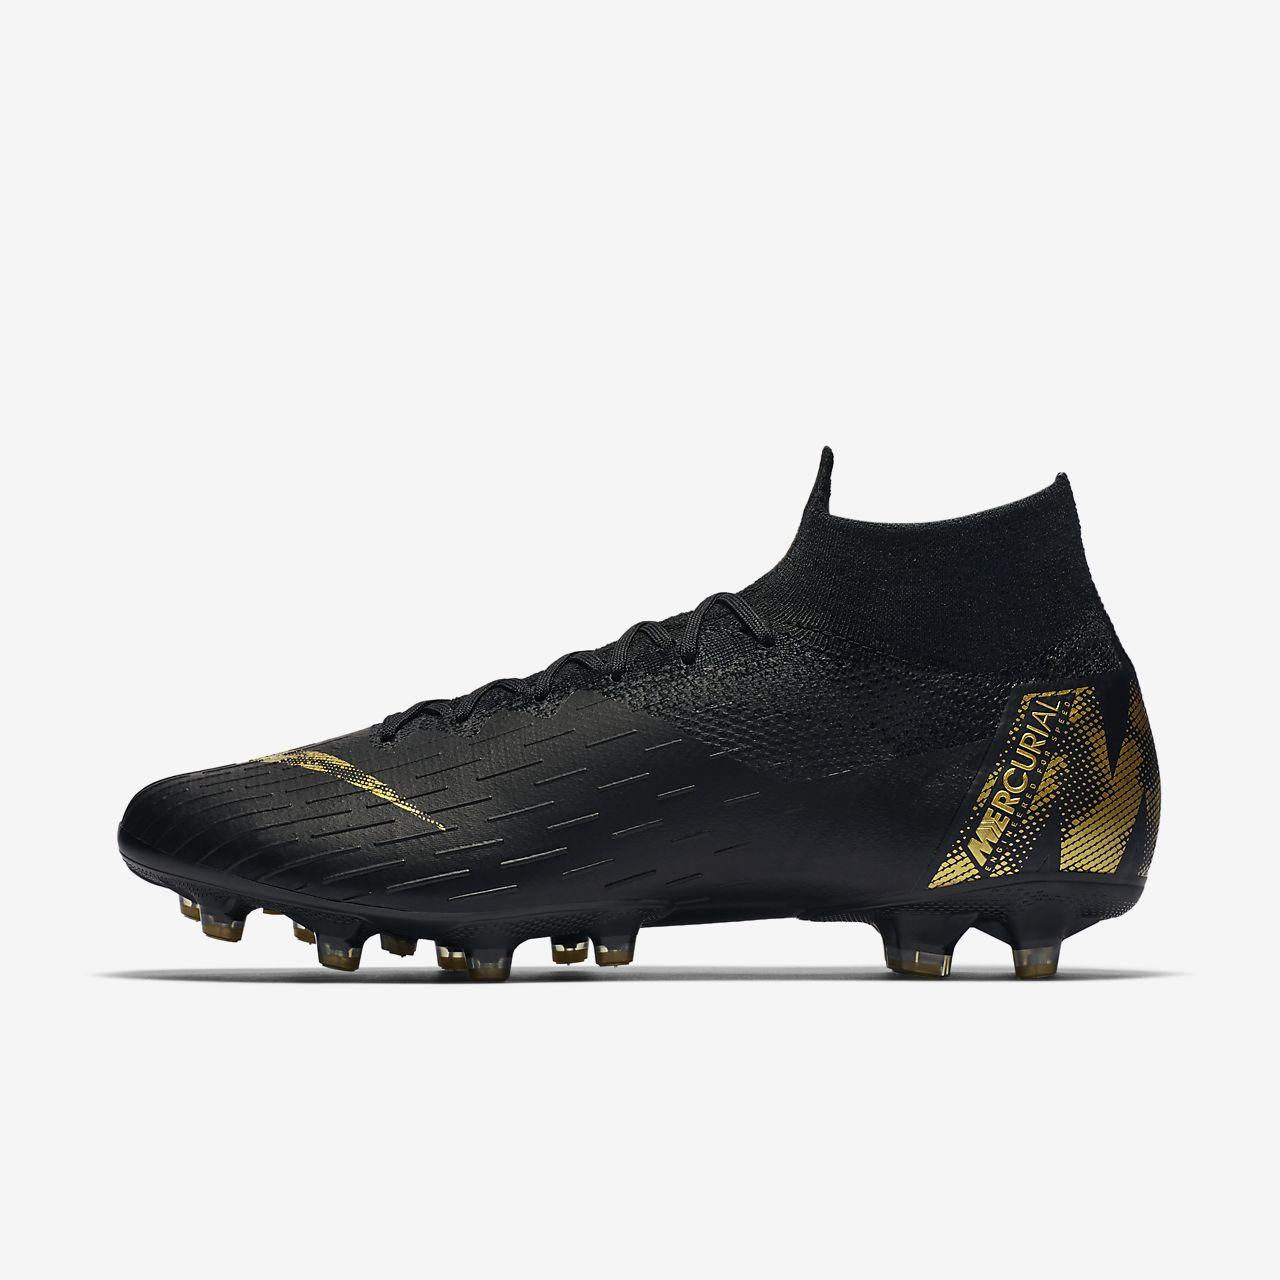 Chaussure de football à crampons pour terrain synthétique Nike Mercurial Superfly 360 Elite AG-PRO